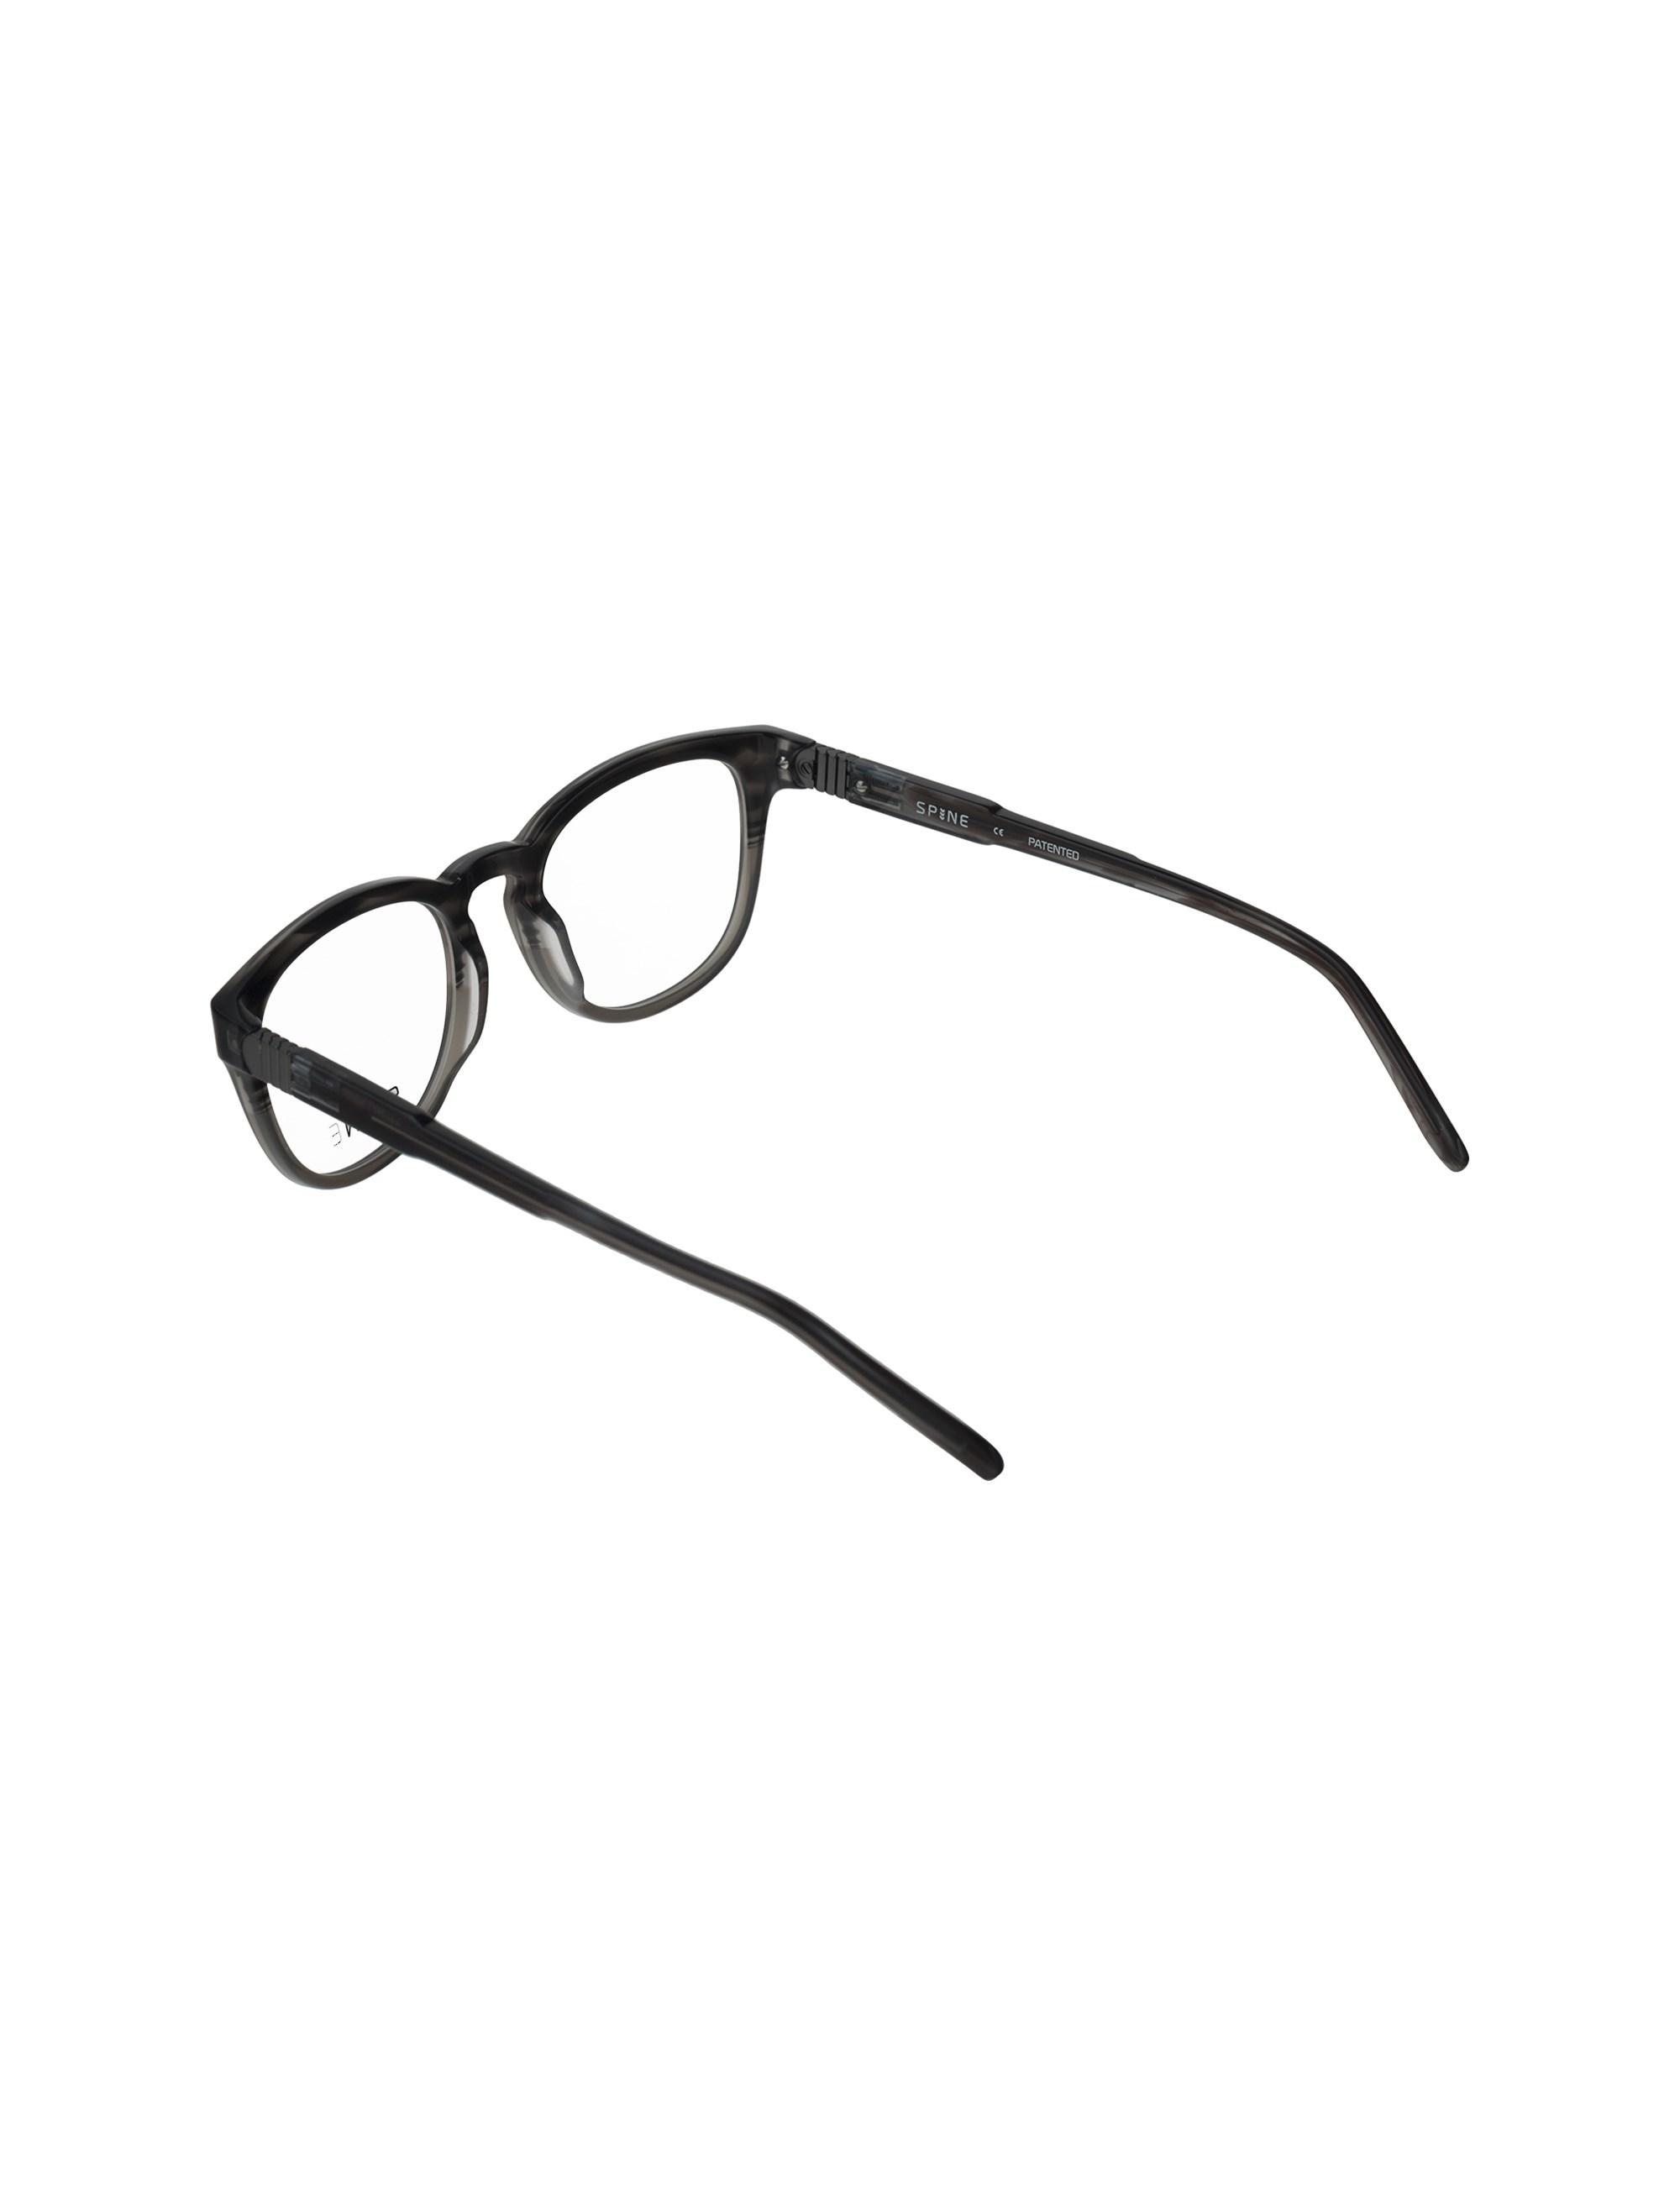 عینک طبی ویفرر زنانه - مشکي و طوسي - 4